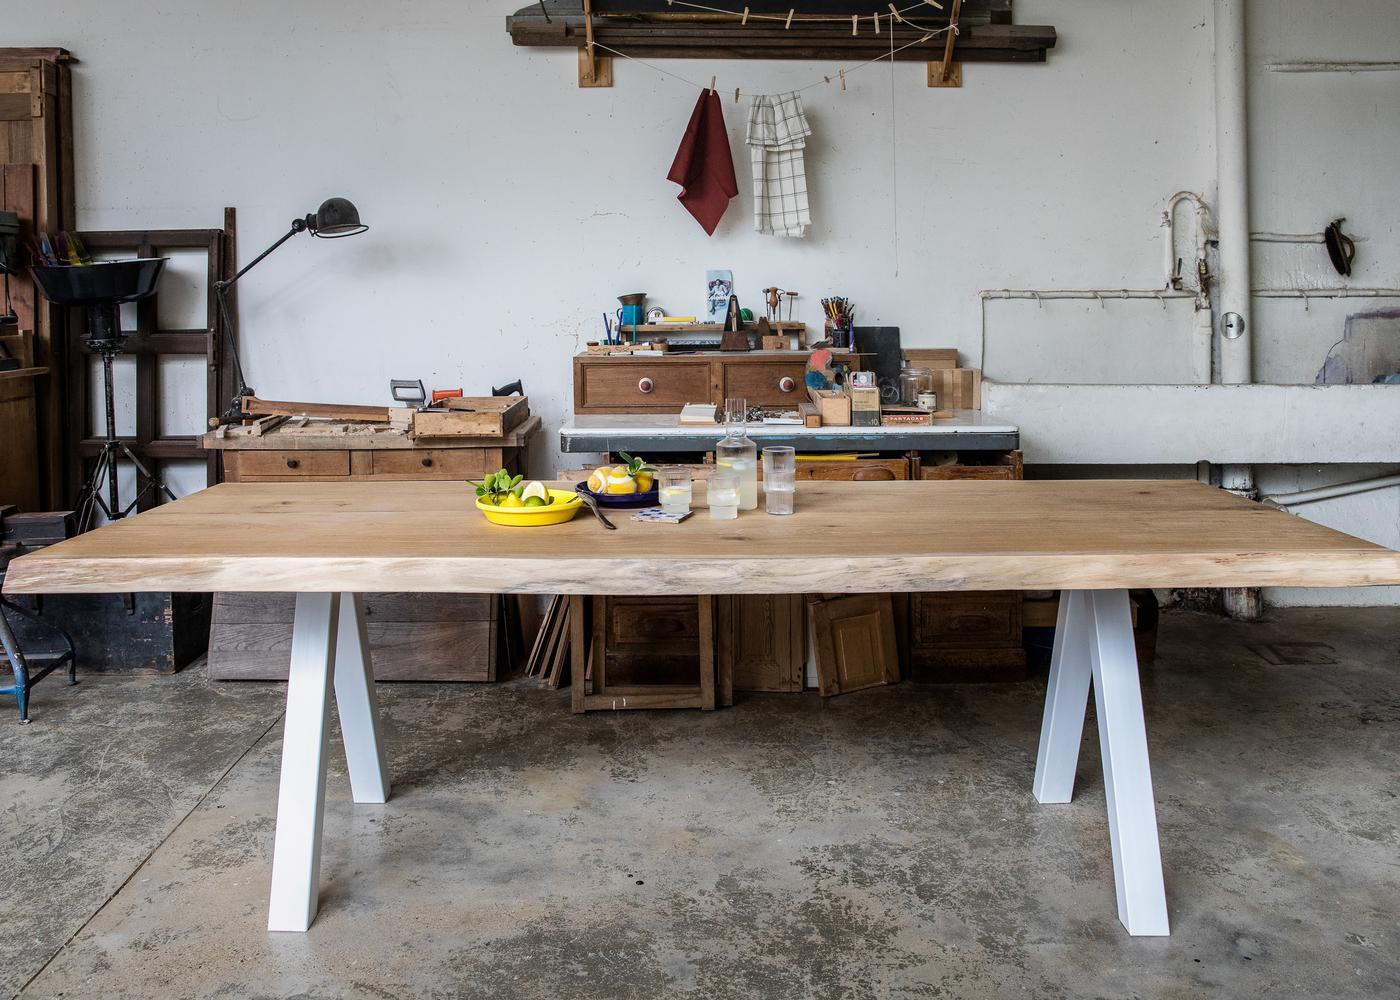 Plateau de table ALABAMA à chants flâcheux rabotés - fabrication à partir de chêne avec noeuds - finition brut - collage de 100 à 200mm -tolerance de +/- 10% en largeur - (présence de nœuds, gerces et autres singularités du bois) - PEFC